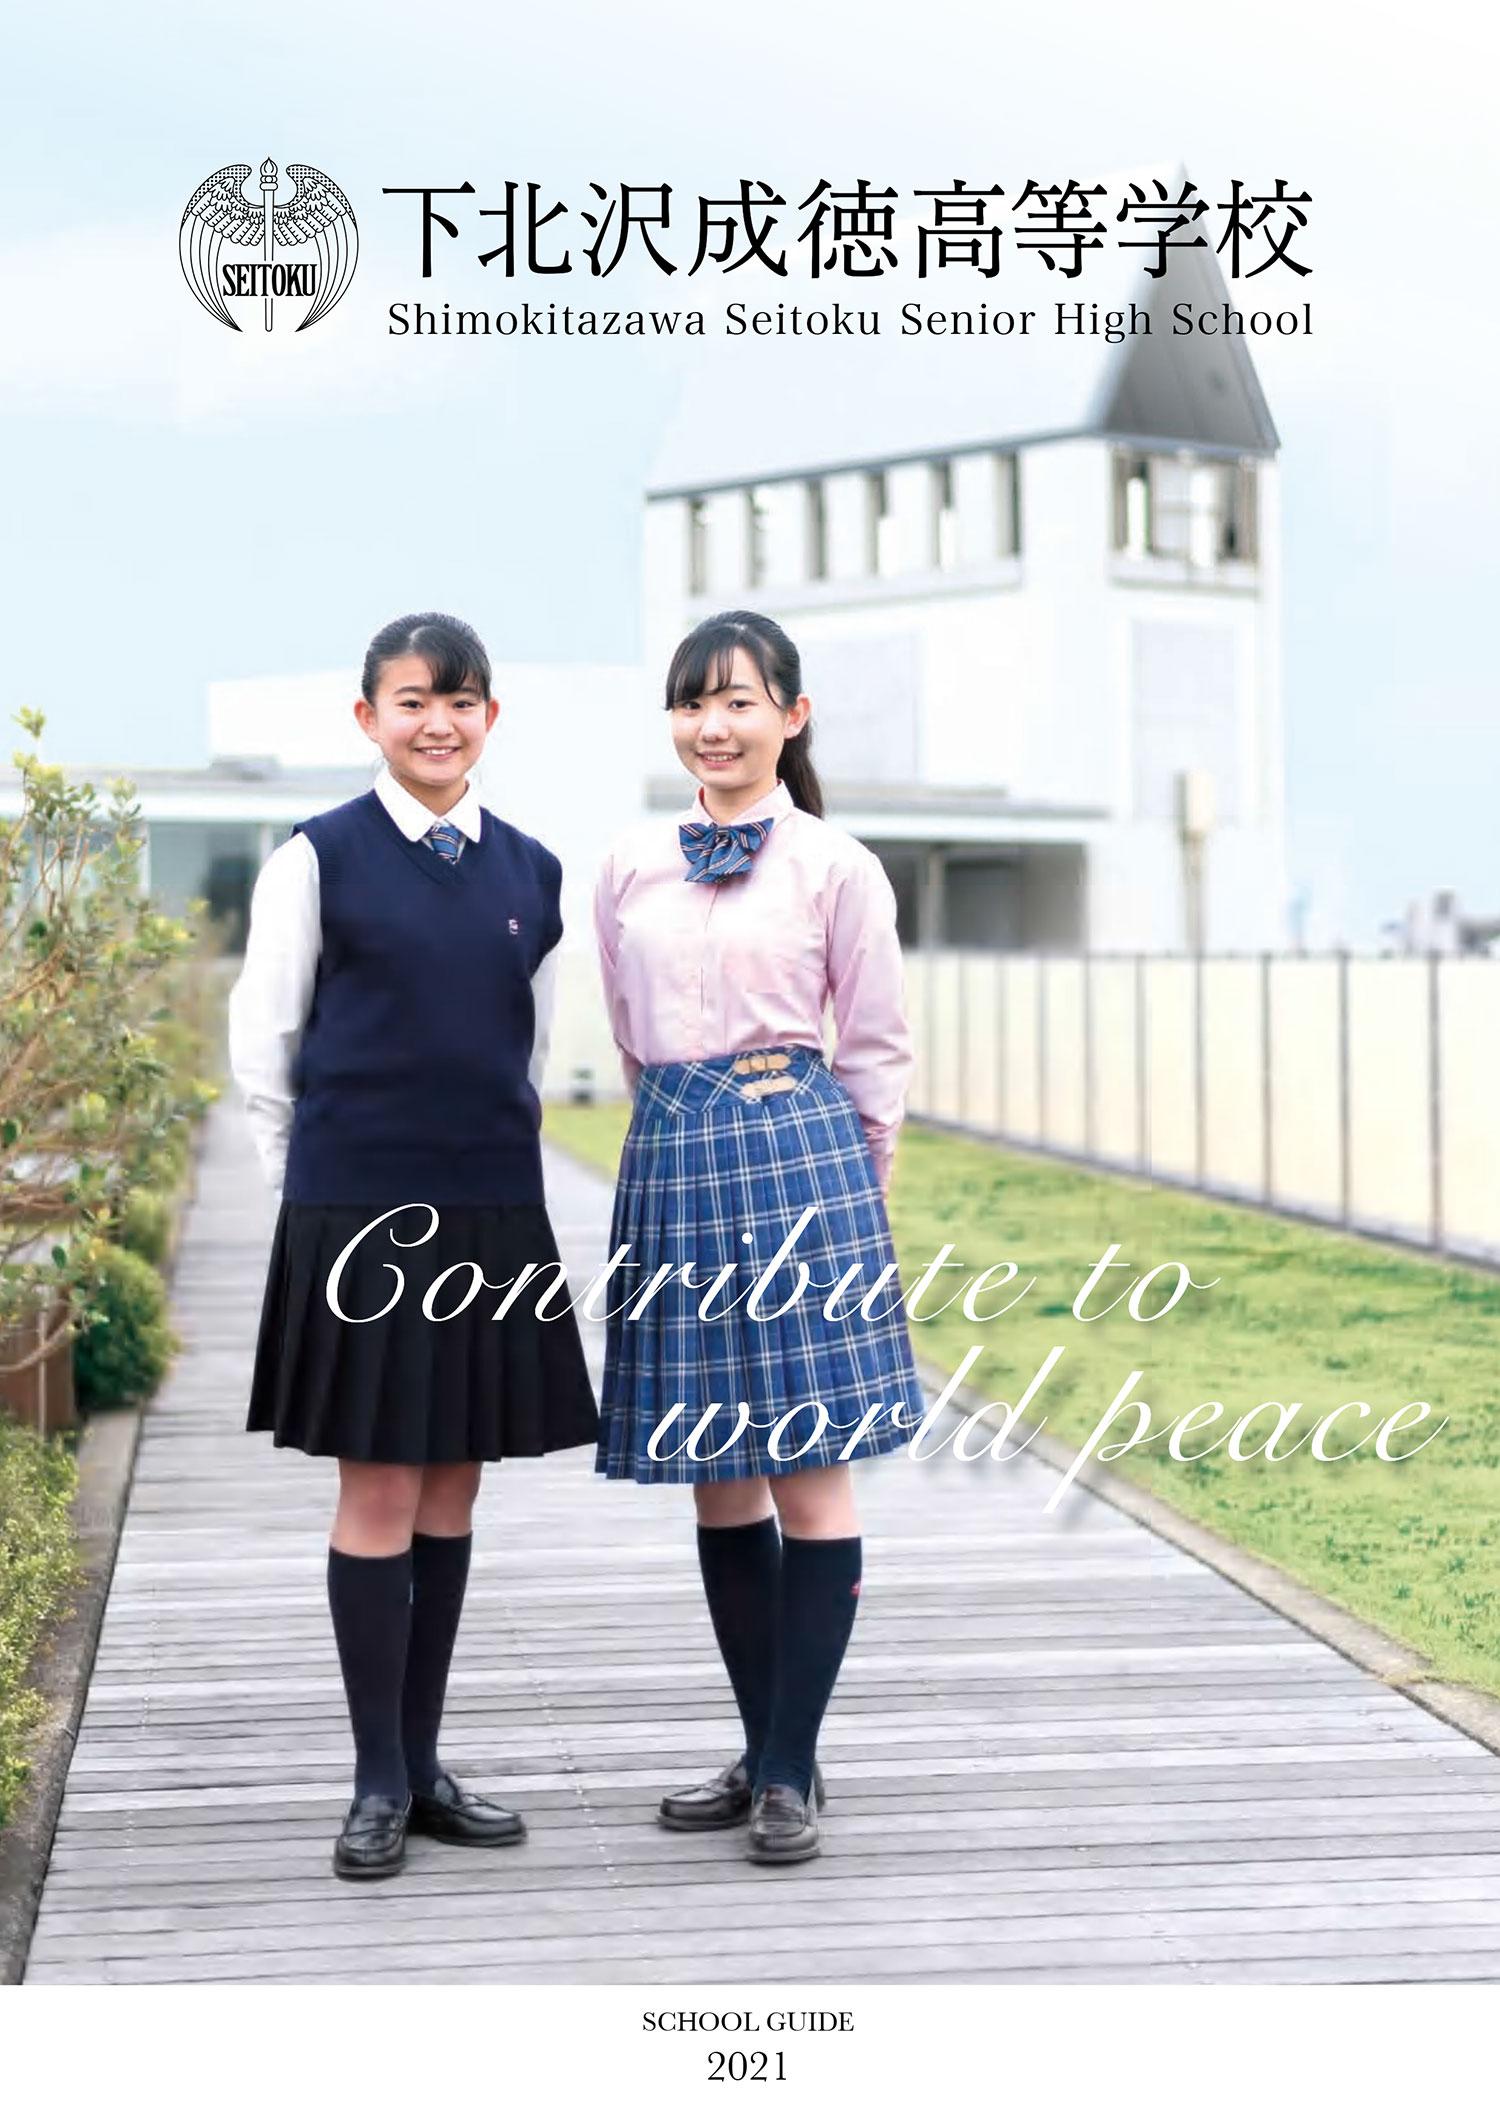 下北沢成徳高等学校